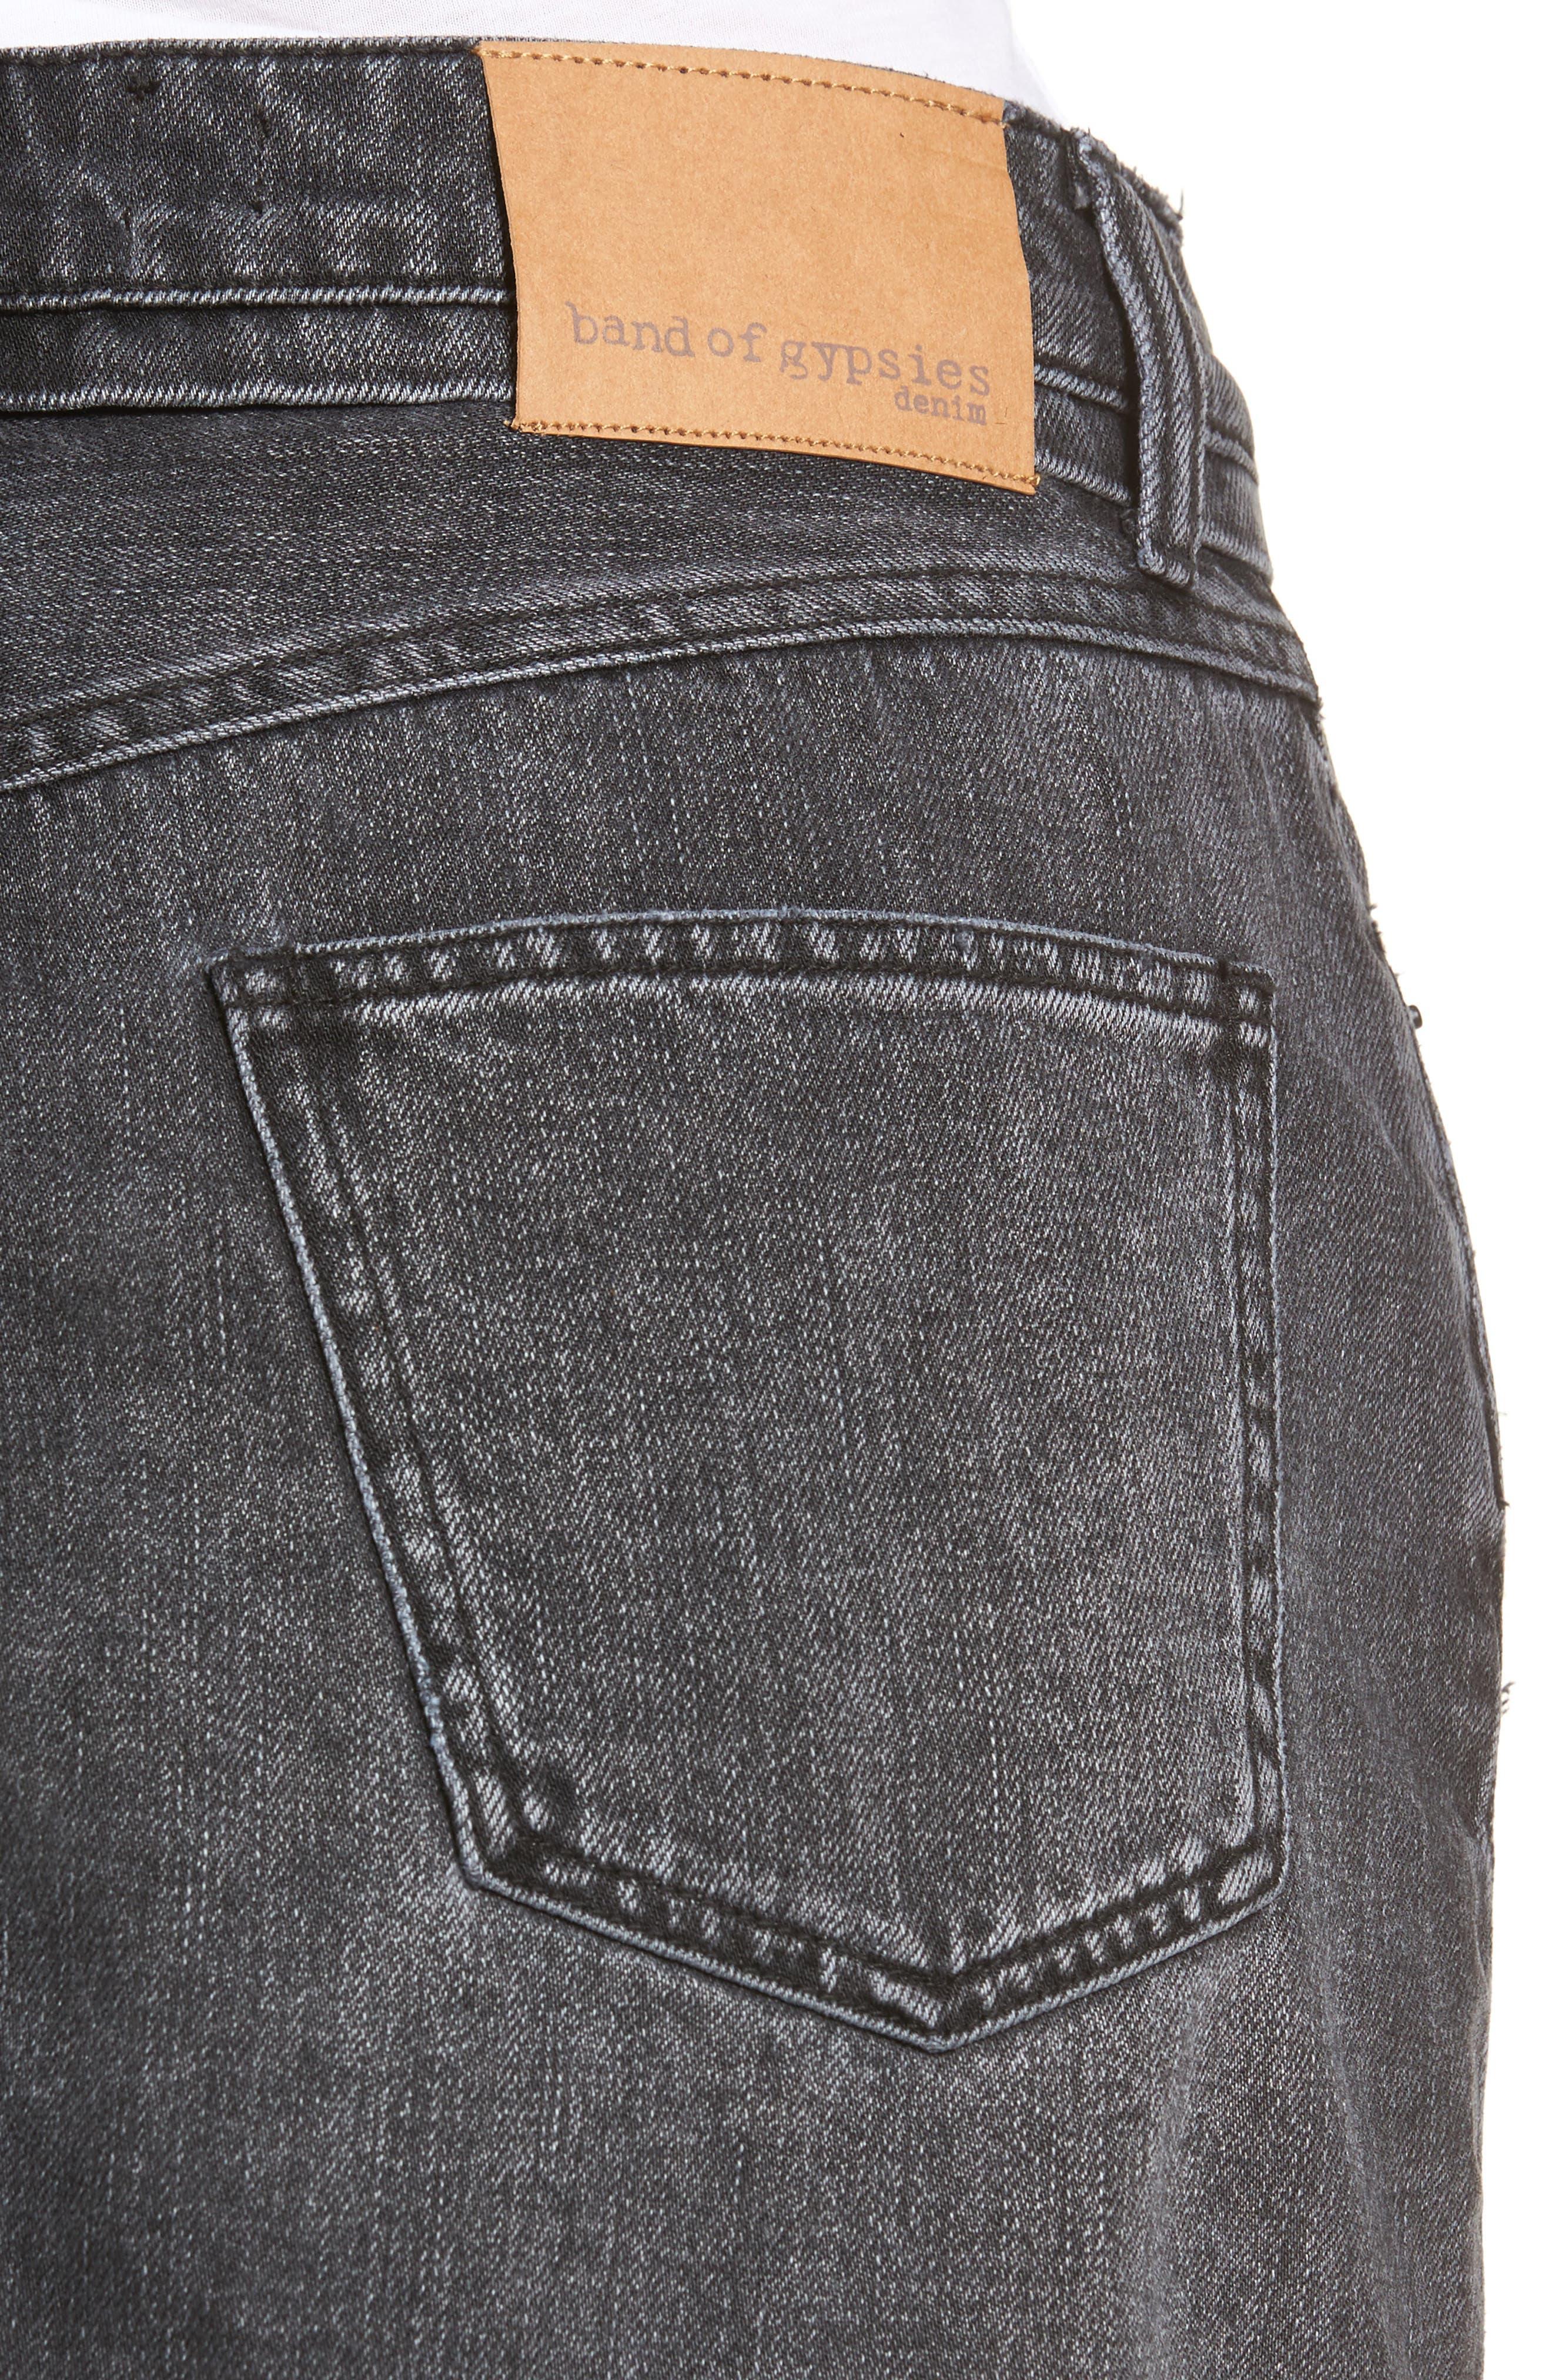 Eve Step Hem Denim Miniskirt,                             Alternate thumbnail 4, color,                             Beat Fest Black